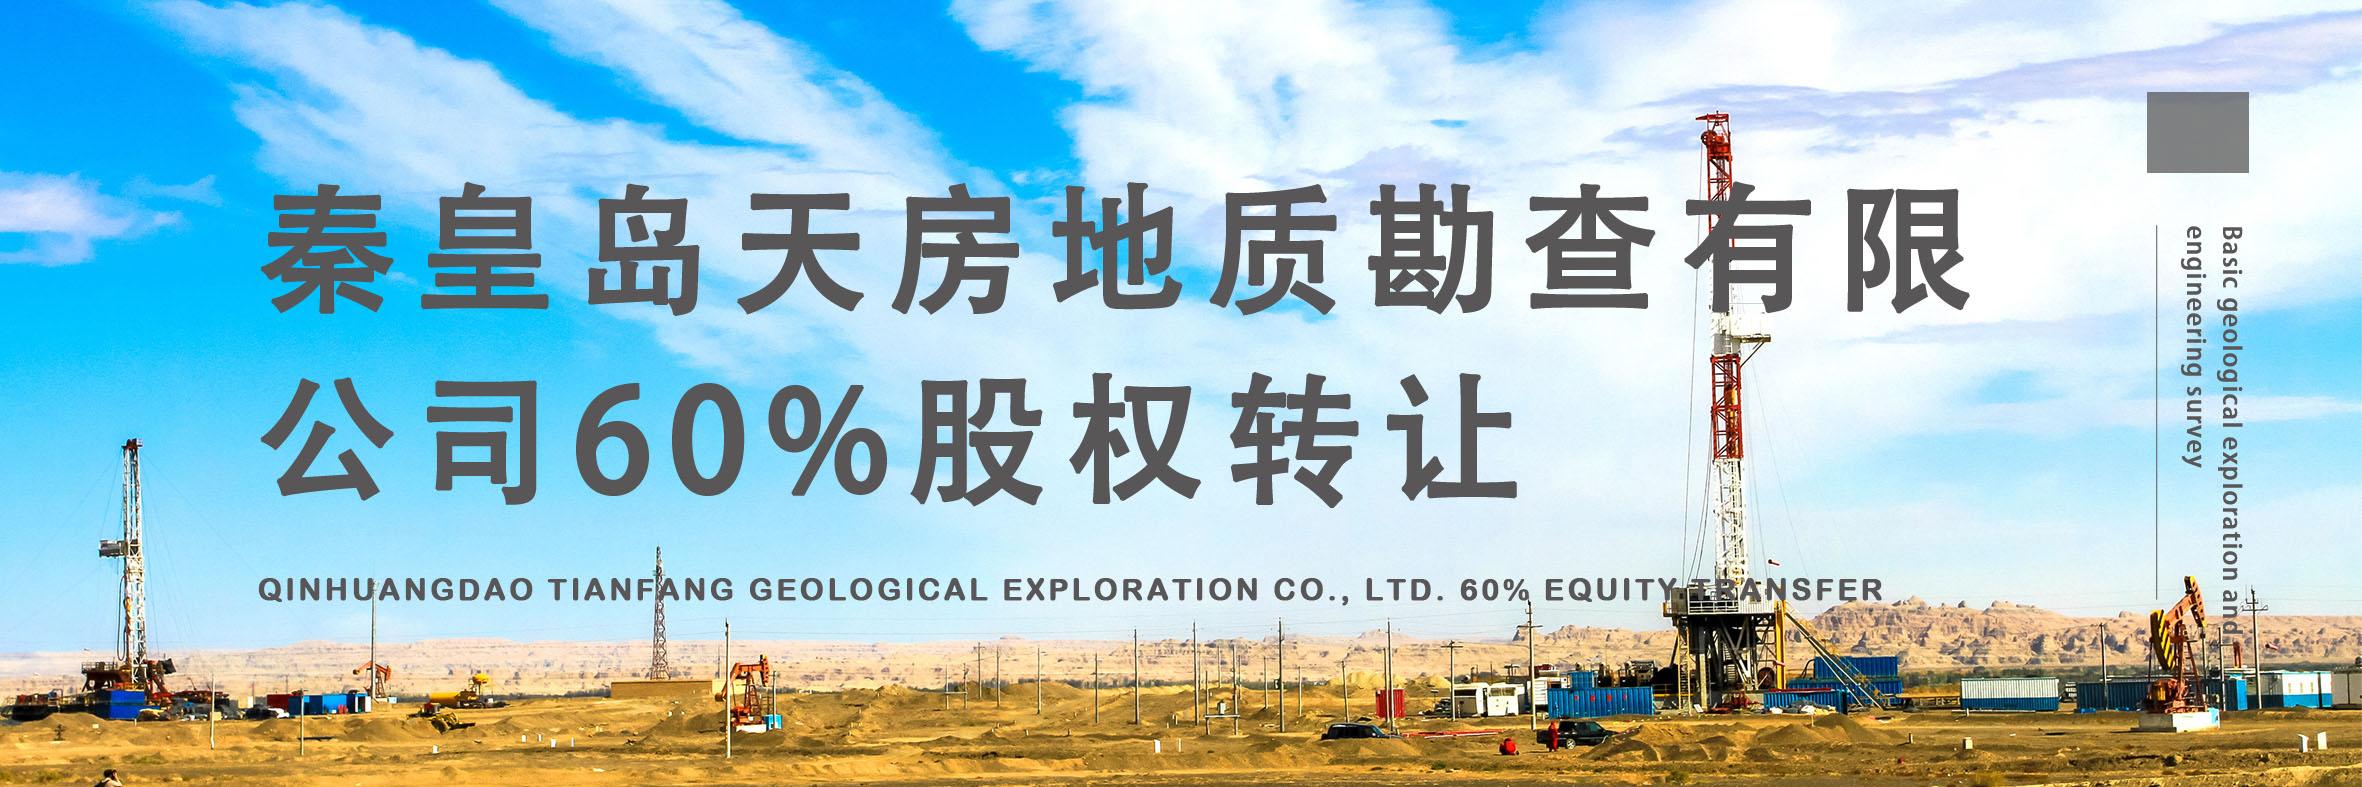 秦皇岛天房地质勘查有限公司60%股权转让